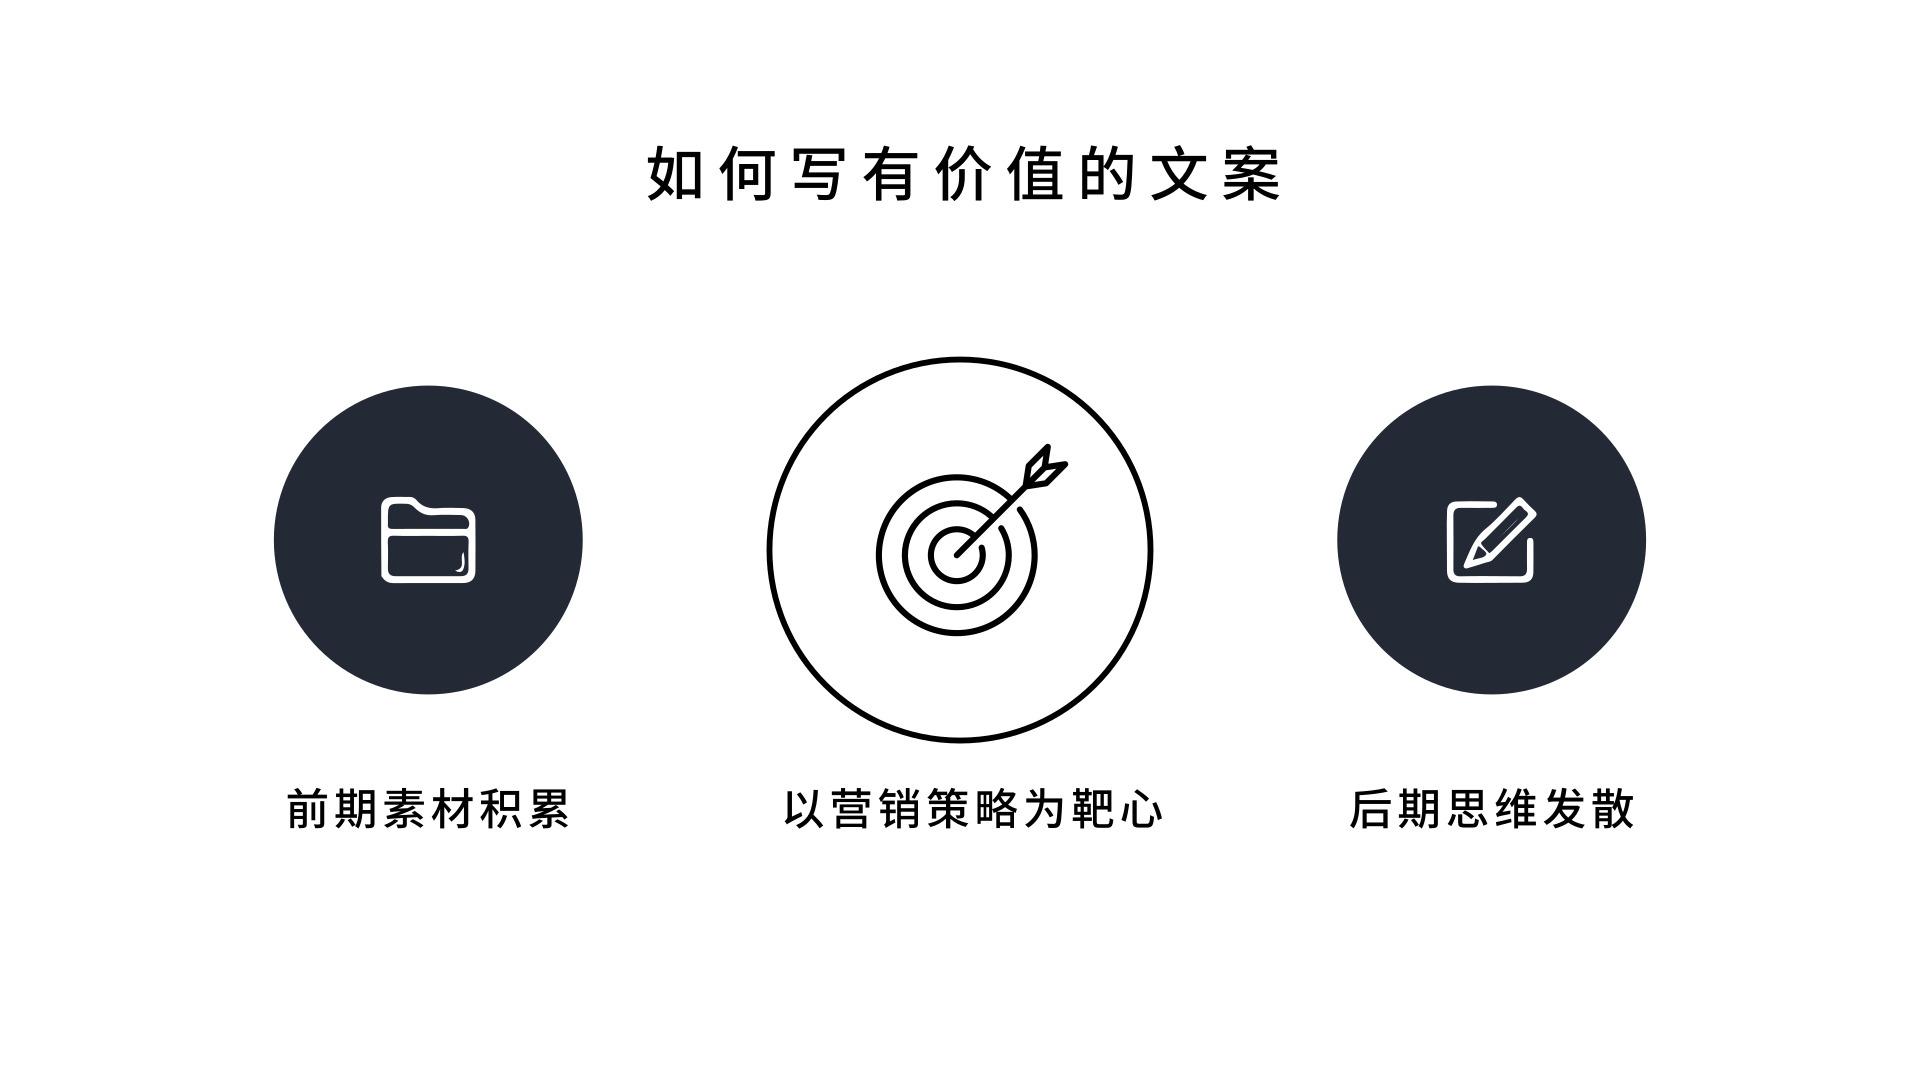 伊索科技—海南网站建设